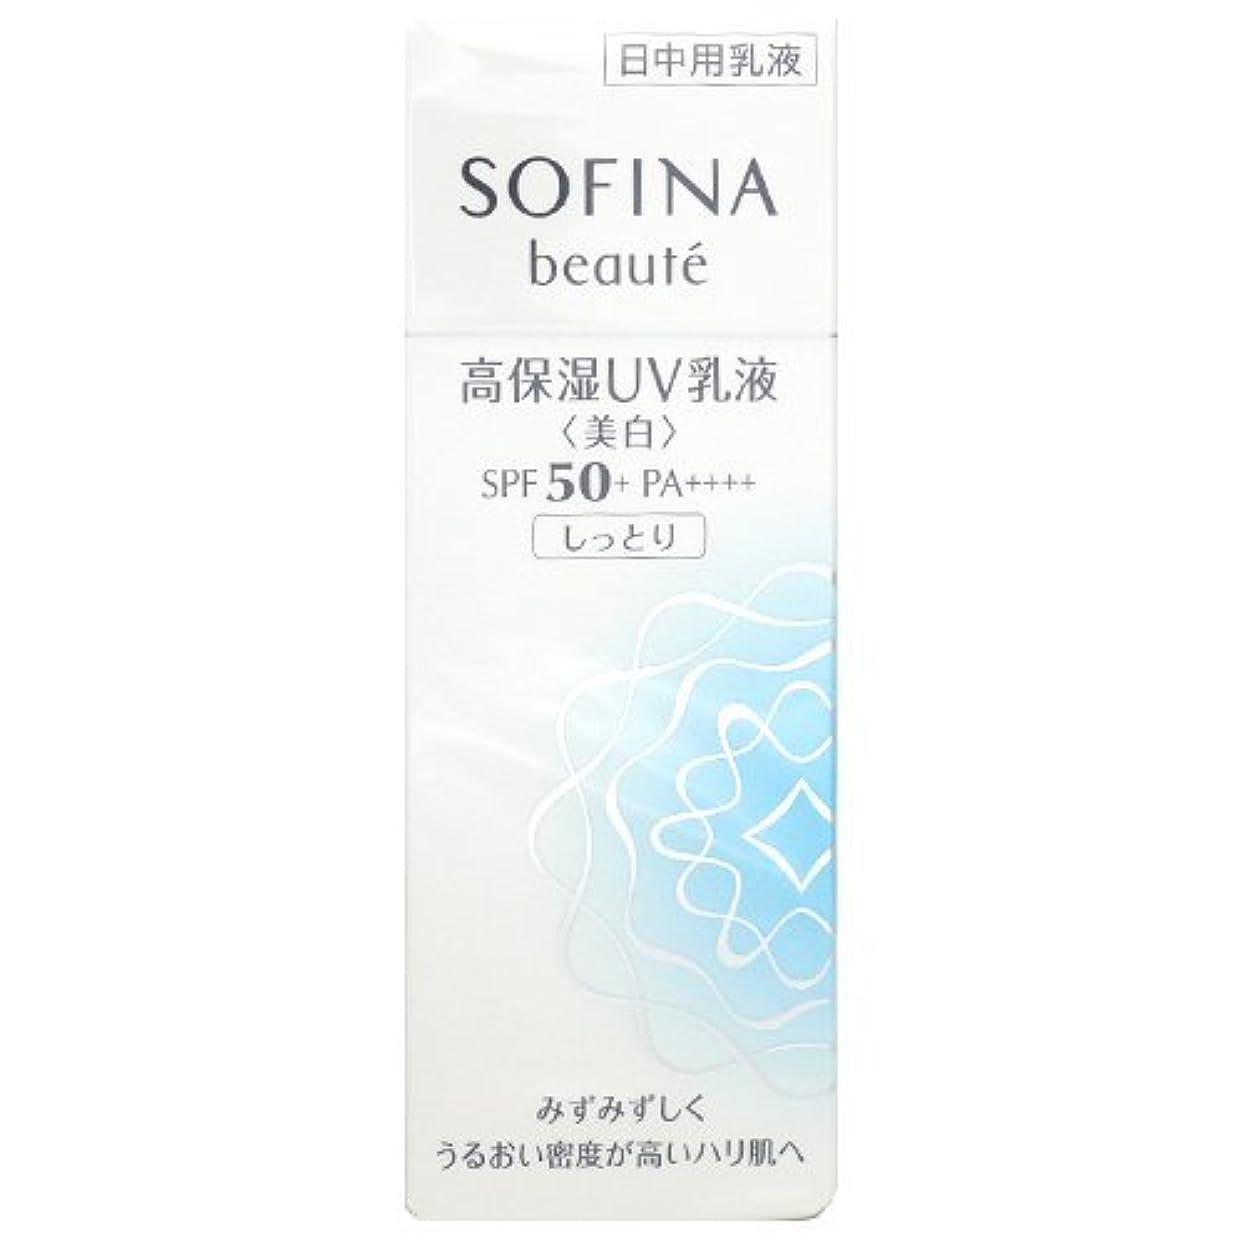 小間アピールご意見花王 ソフィーナ ボーテ SOFINA beaute 高保湿UV乳液 美白 SPF50+ PA++++ しっとり 30g [並行輸入品]